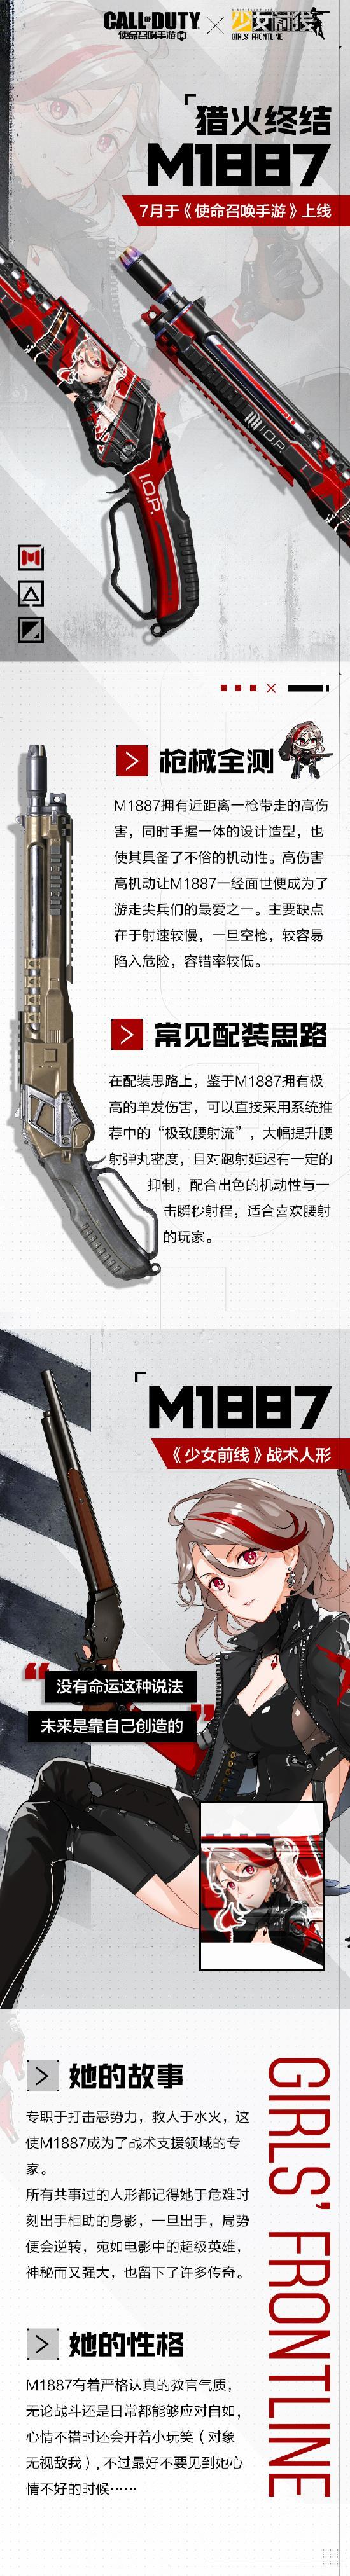 【使命情报站】少前联动枪械爆料第二弹——.50和M1887确认加入联动!